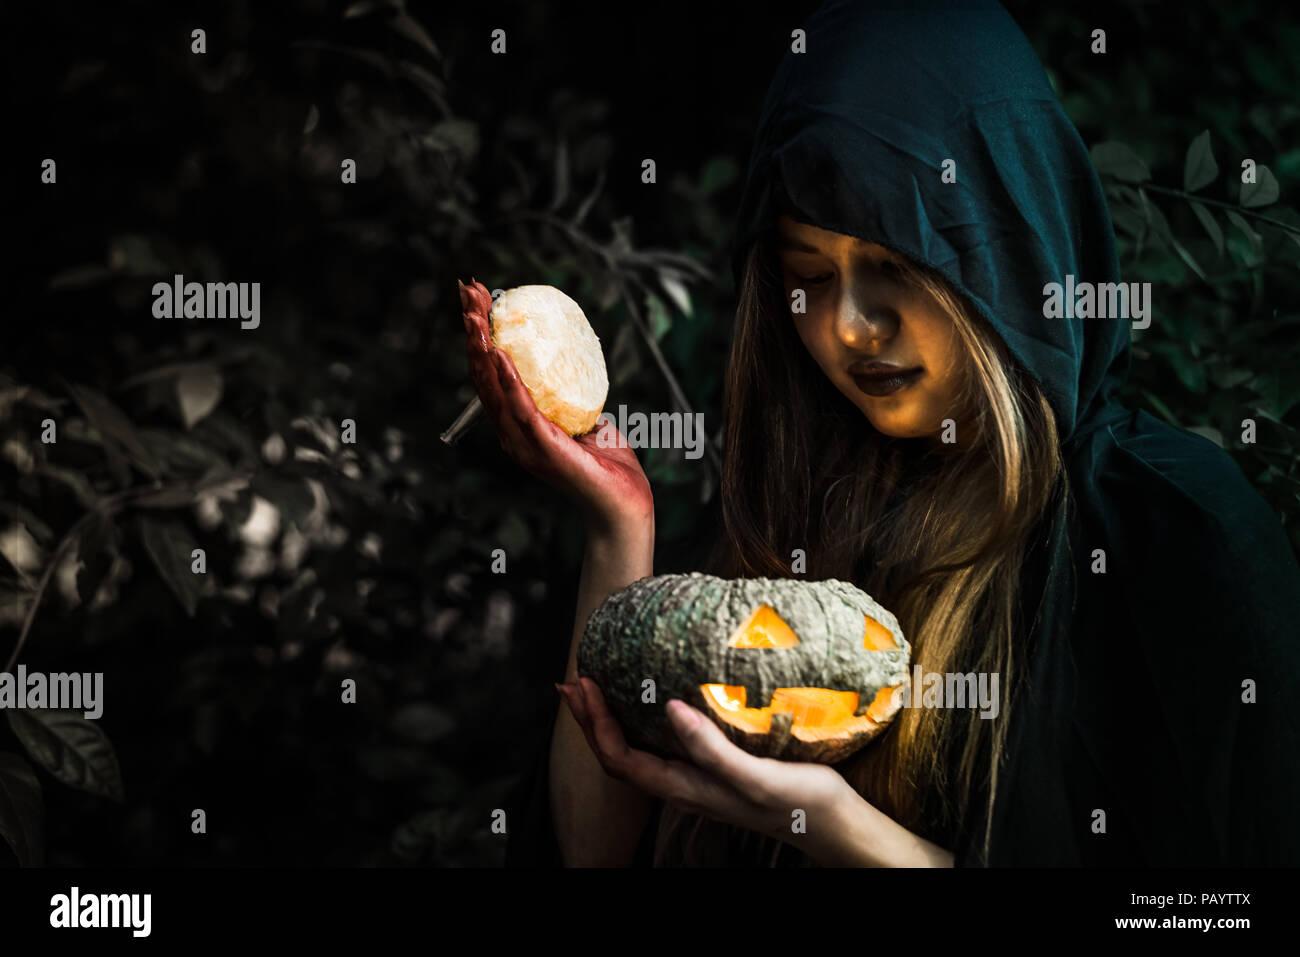 Sorcière citrouille Ouverture couvercle à la main. Vieille Femme tenant en citrouille lumineuse forêt sombre. Journée de l'Halloween et le mystère concept. Fantasy de magie thème. Un démon Photo Stock